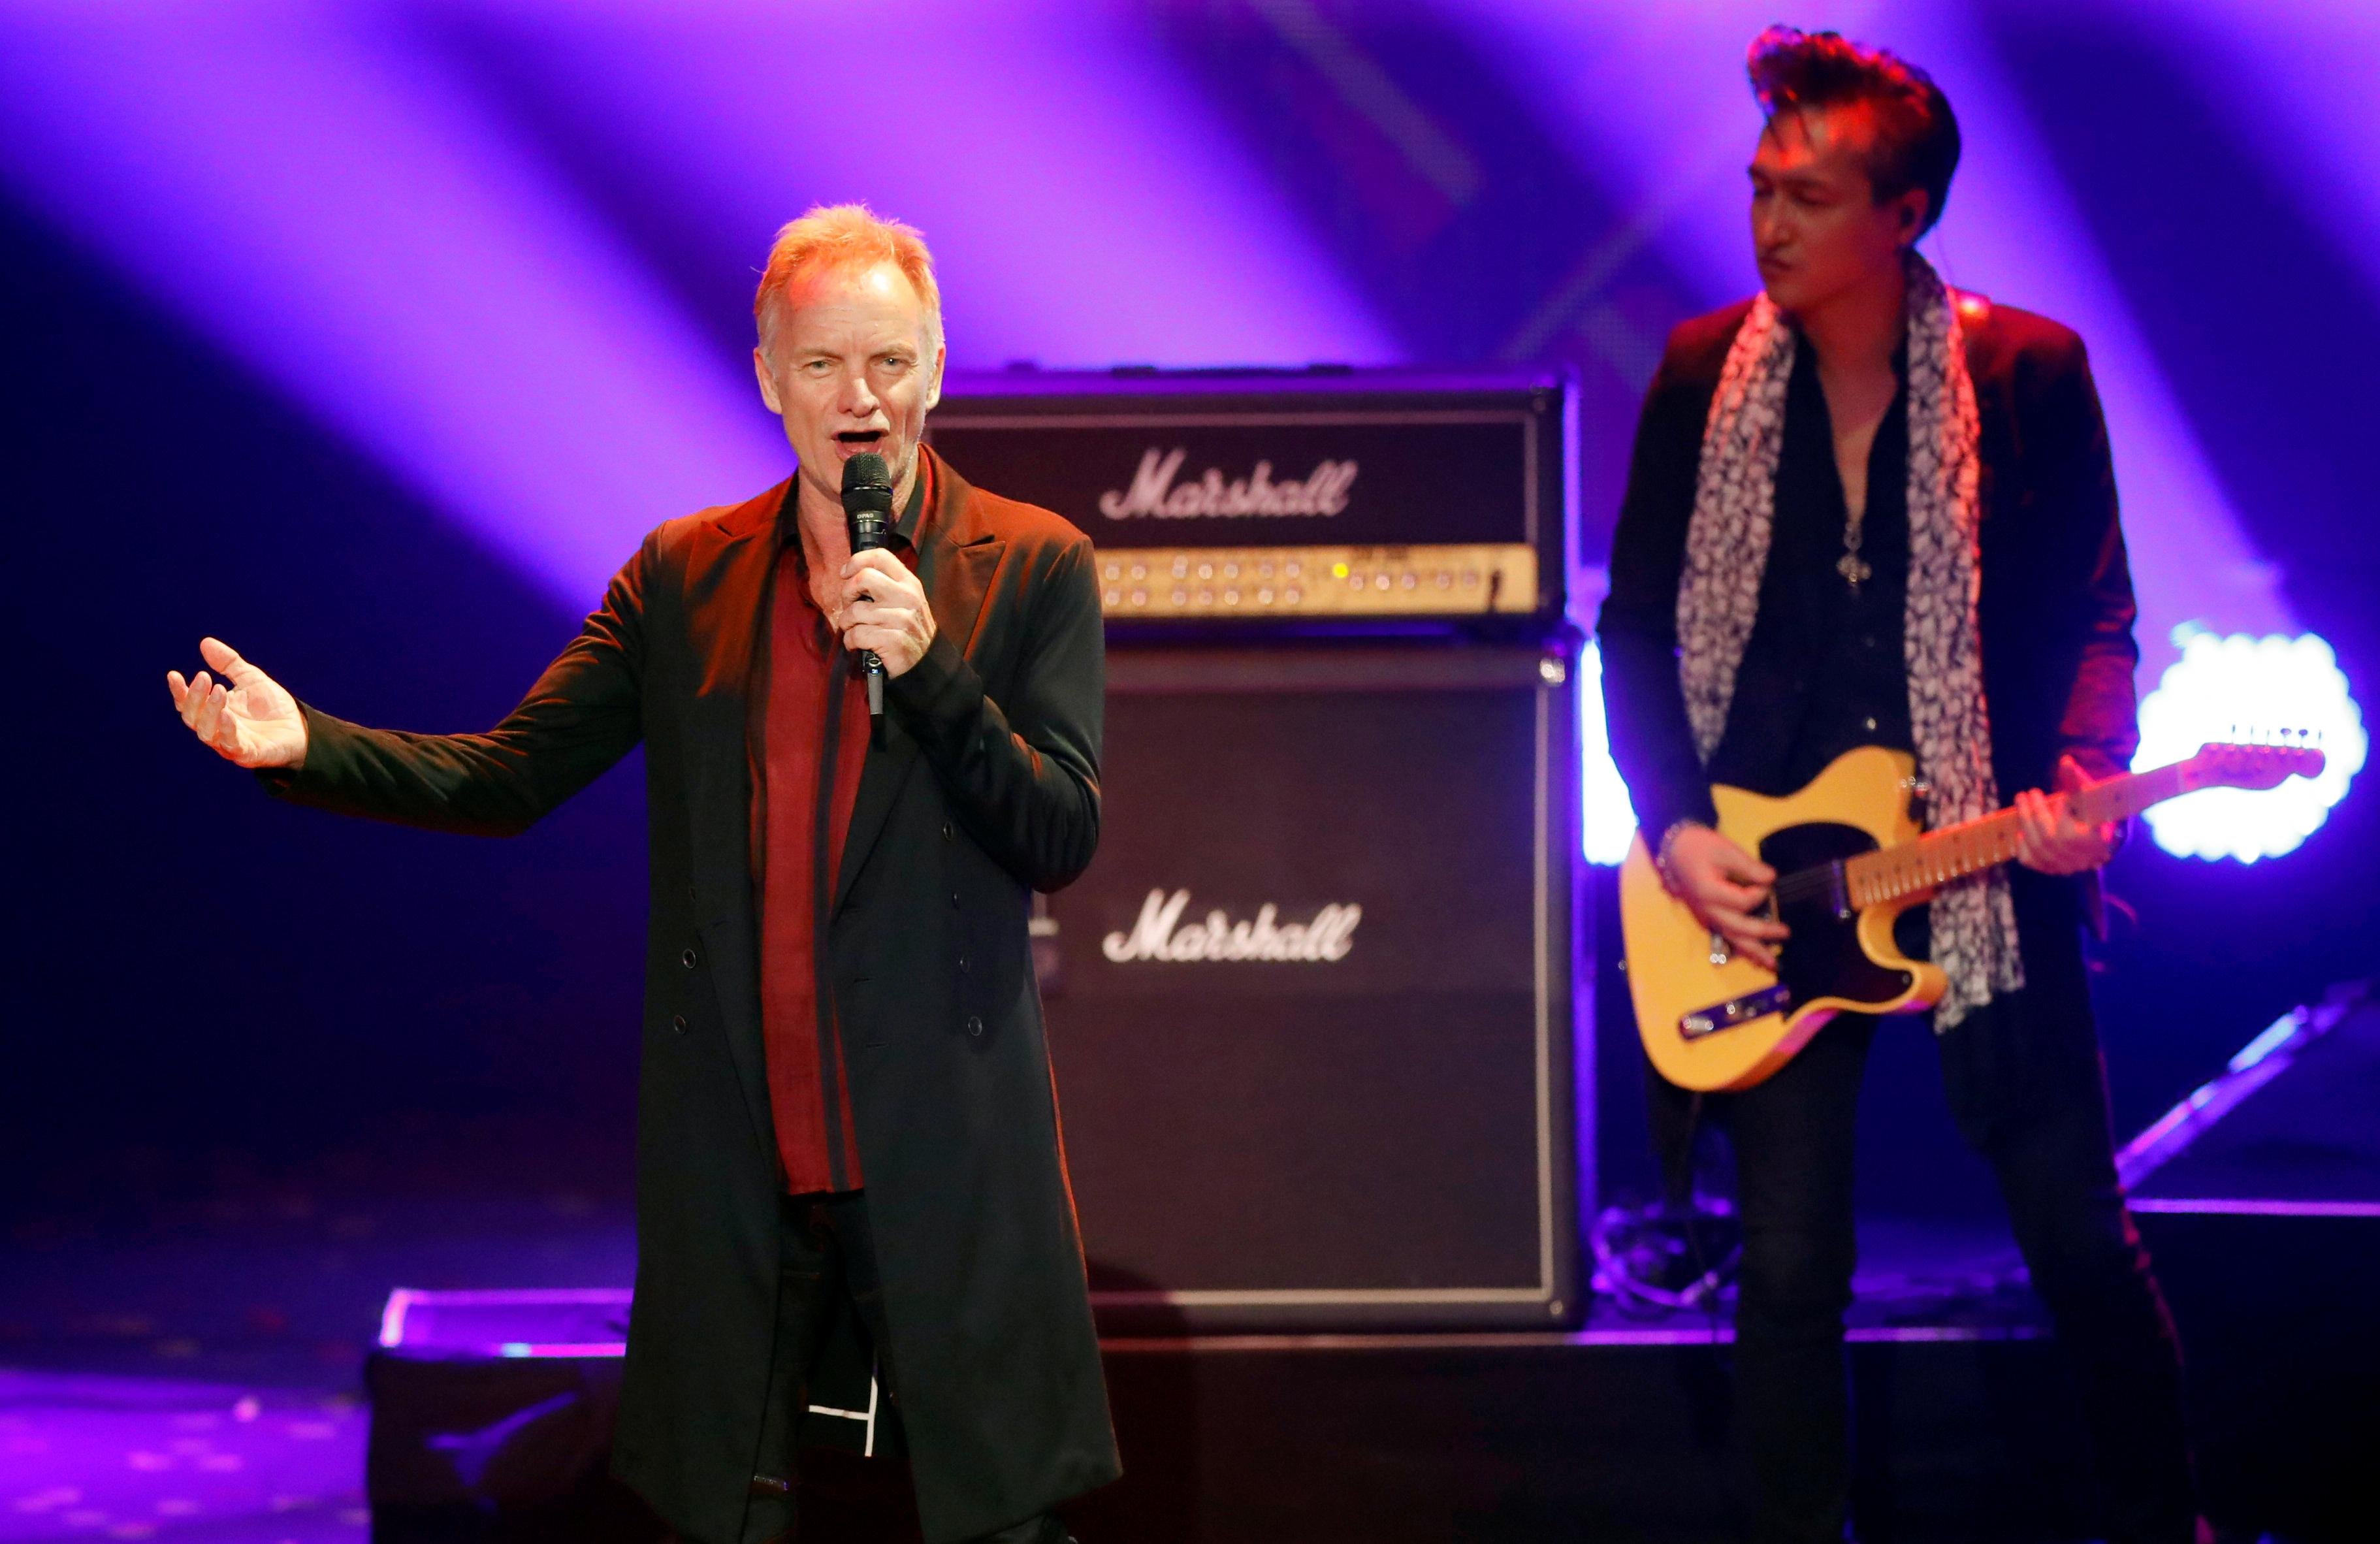 Sting singt zwei seiner größten Hits